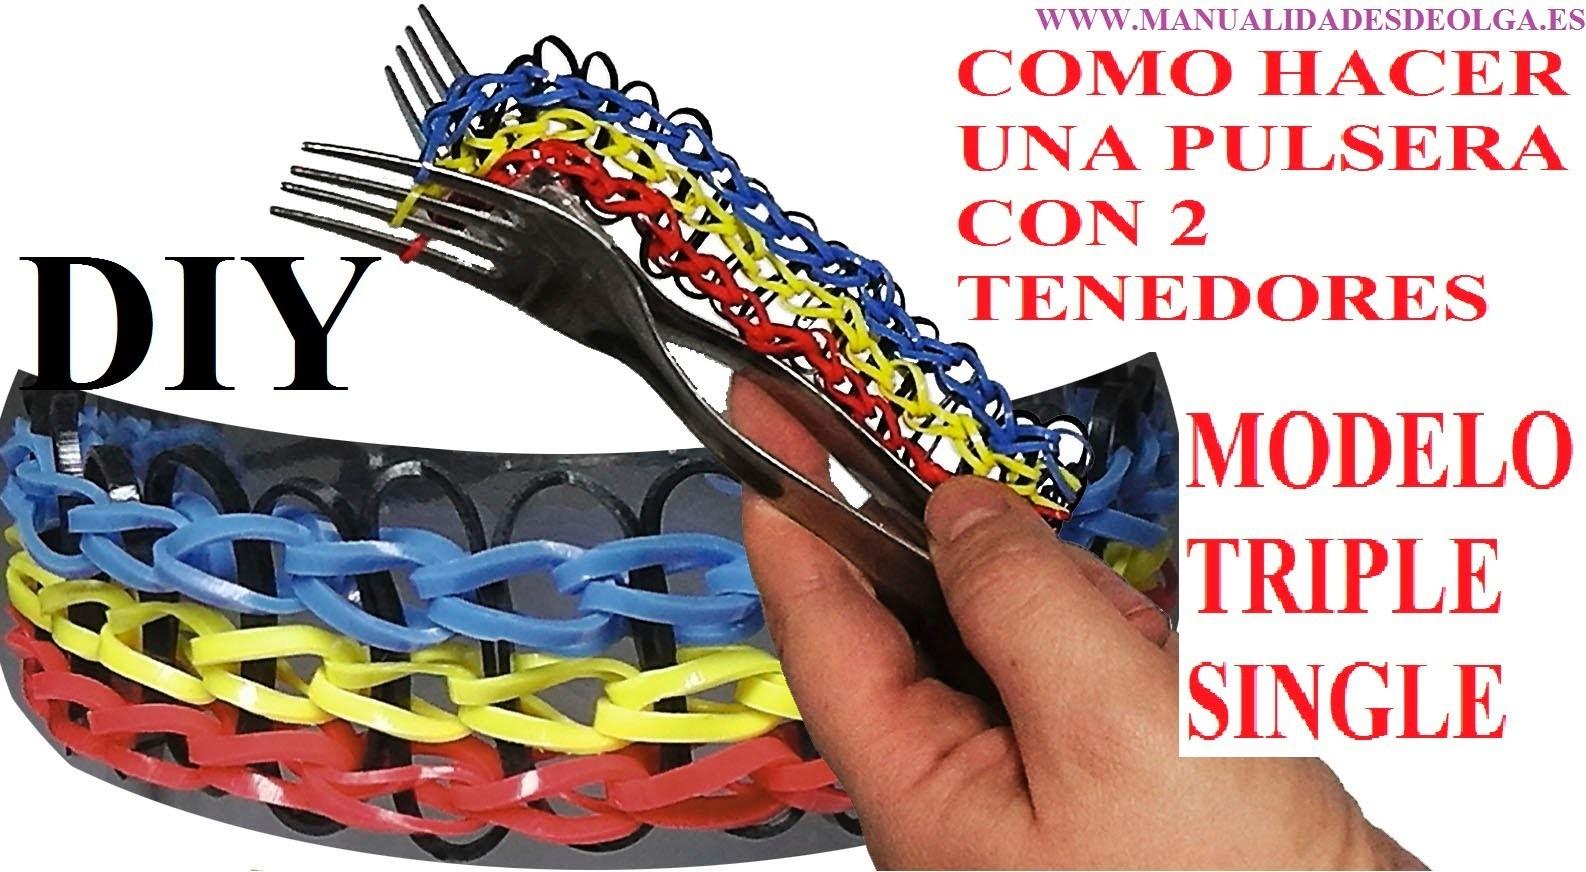 COMO HACER PULSERAS TRIPLE SIMPLE SIN TELAR ¡CON DOS TENEDORES! sin usar Rainbow Loom